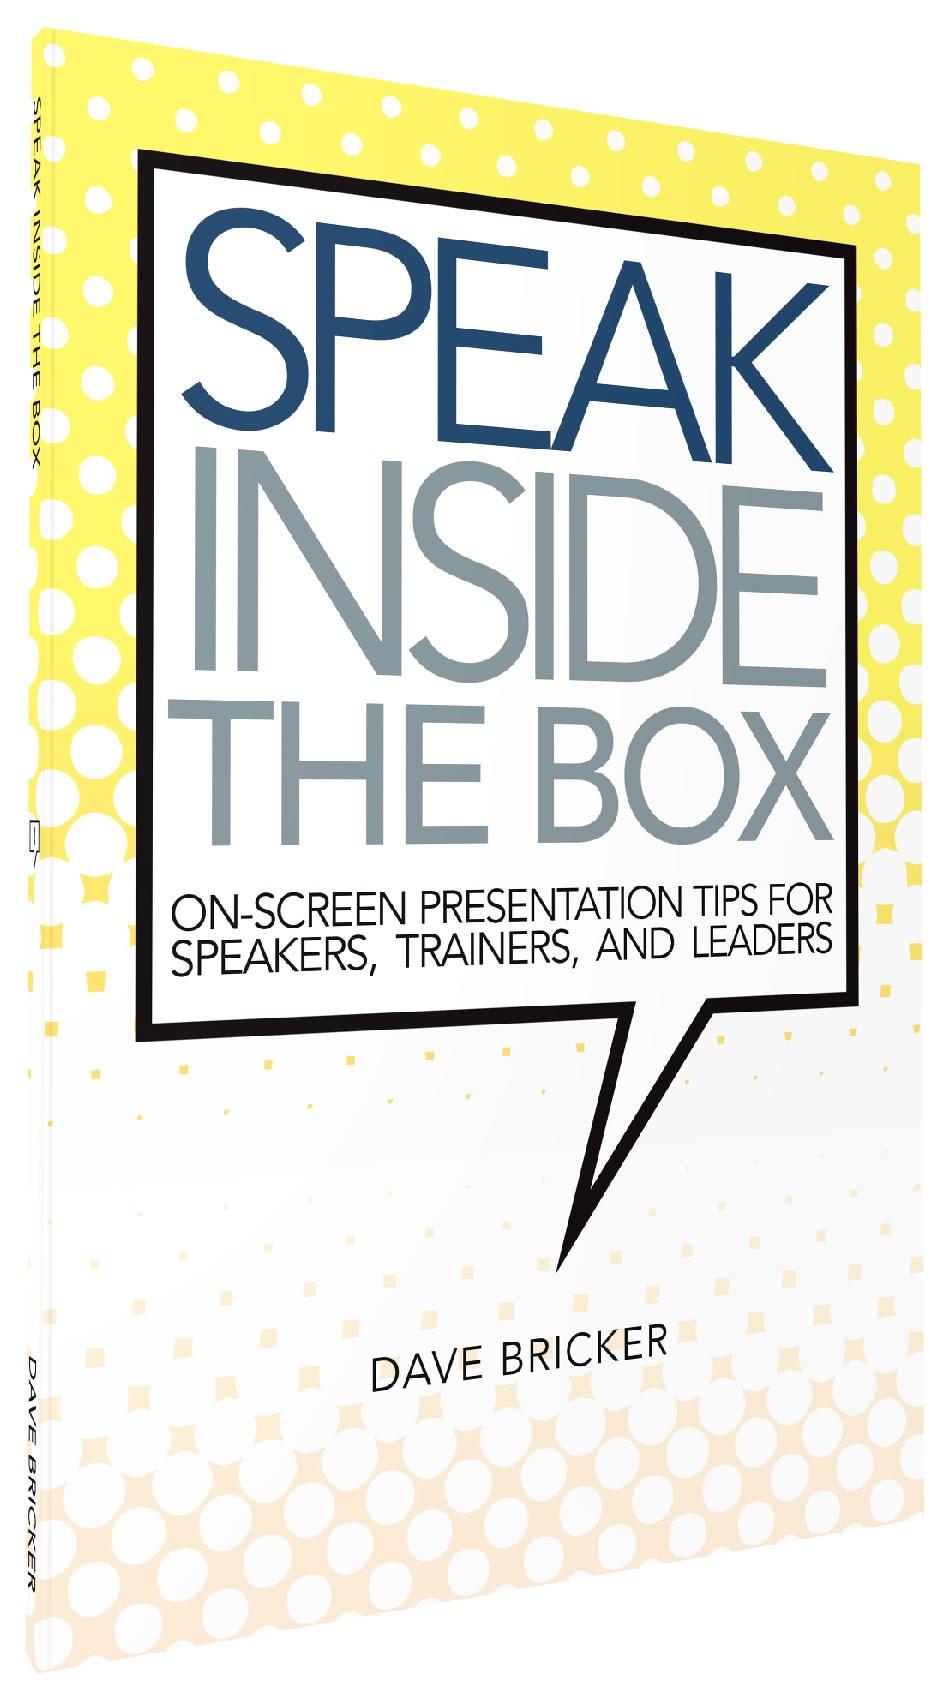 Speak Inside the Box by Dave Bricker